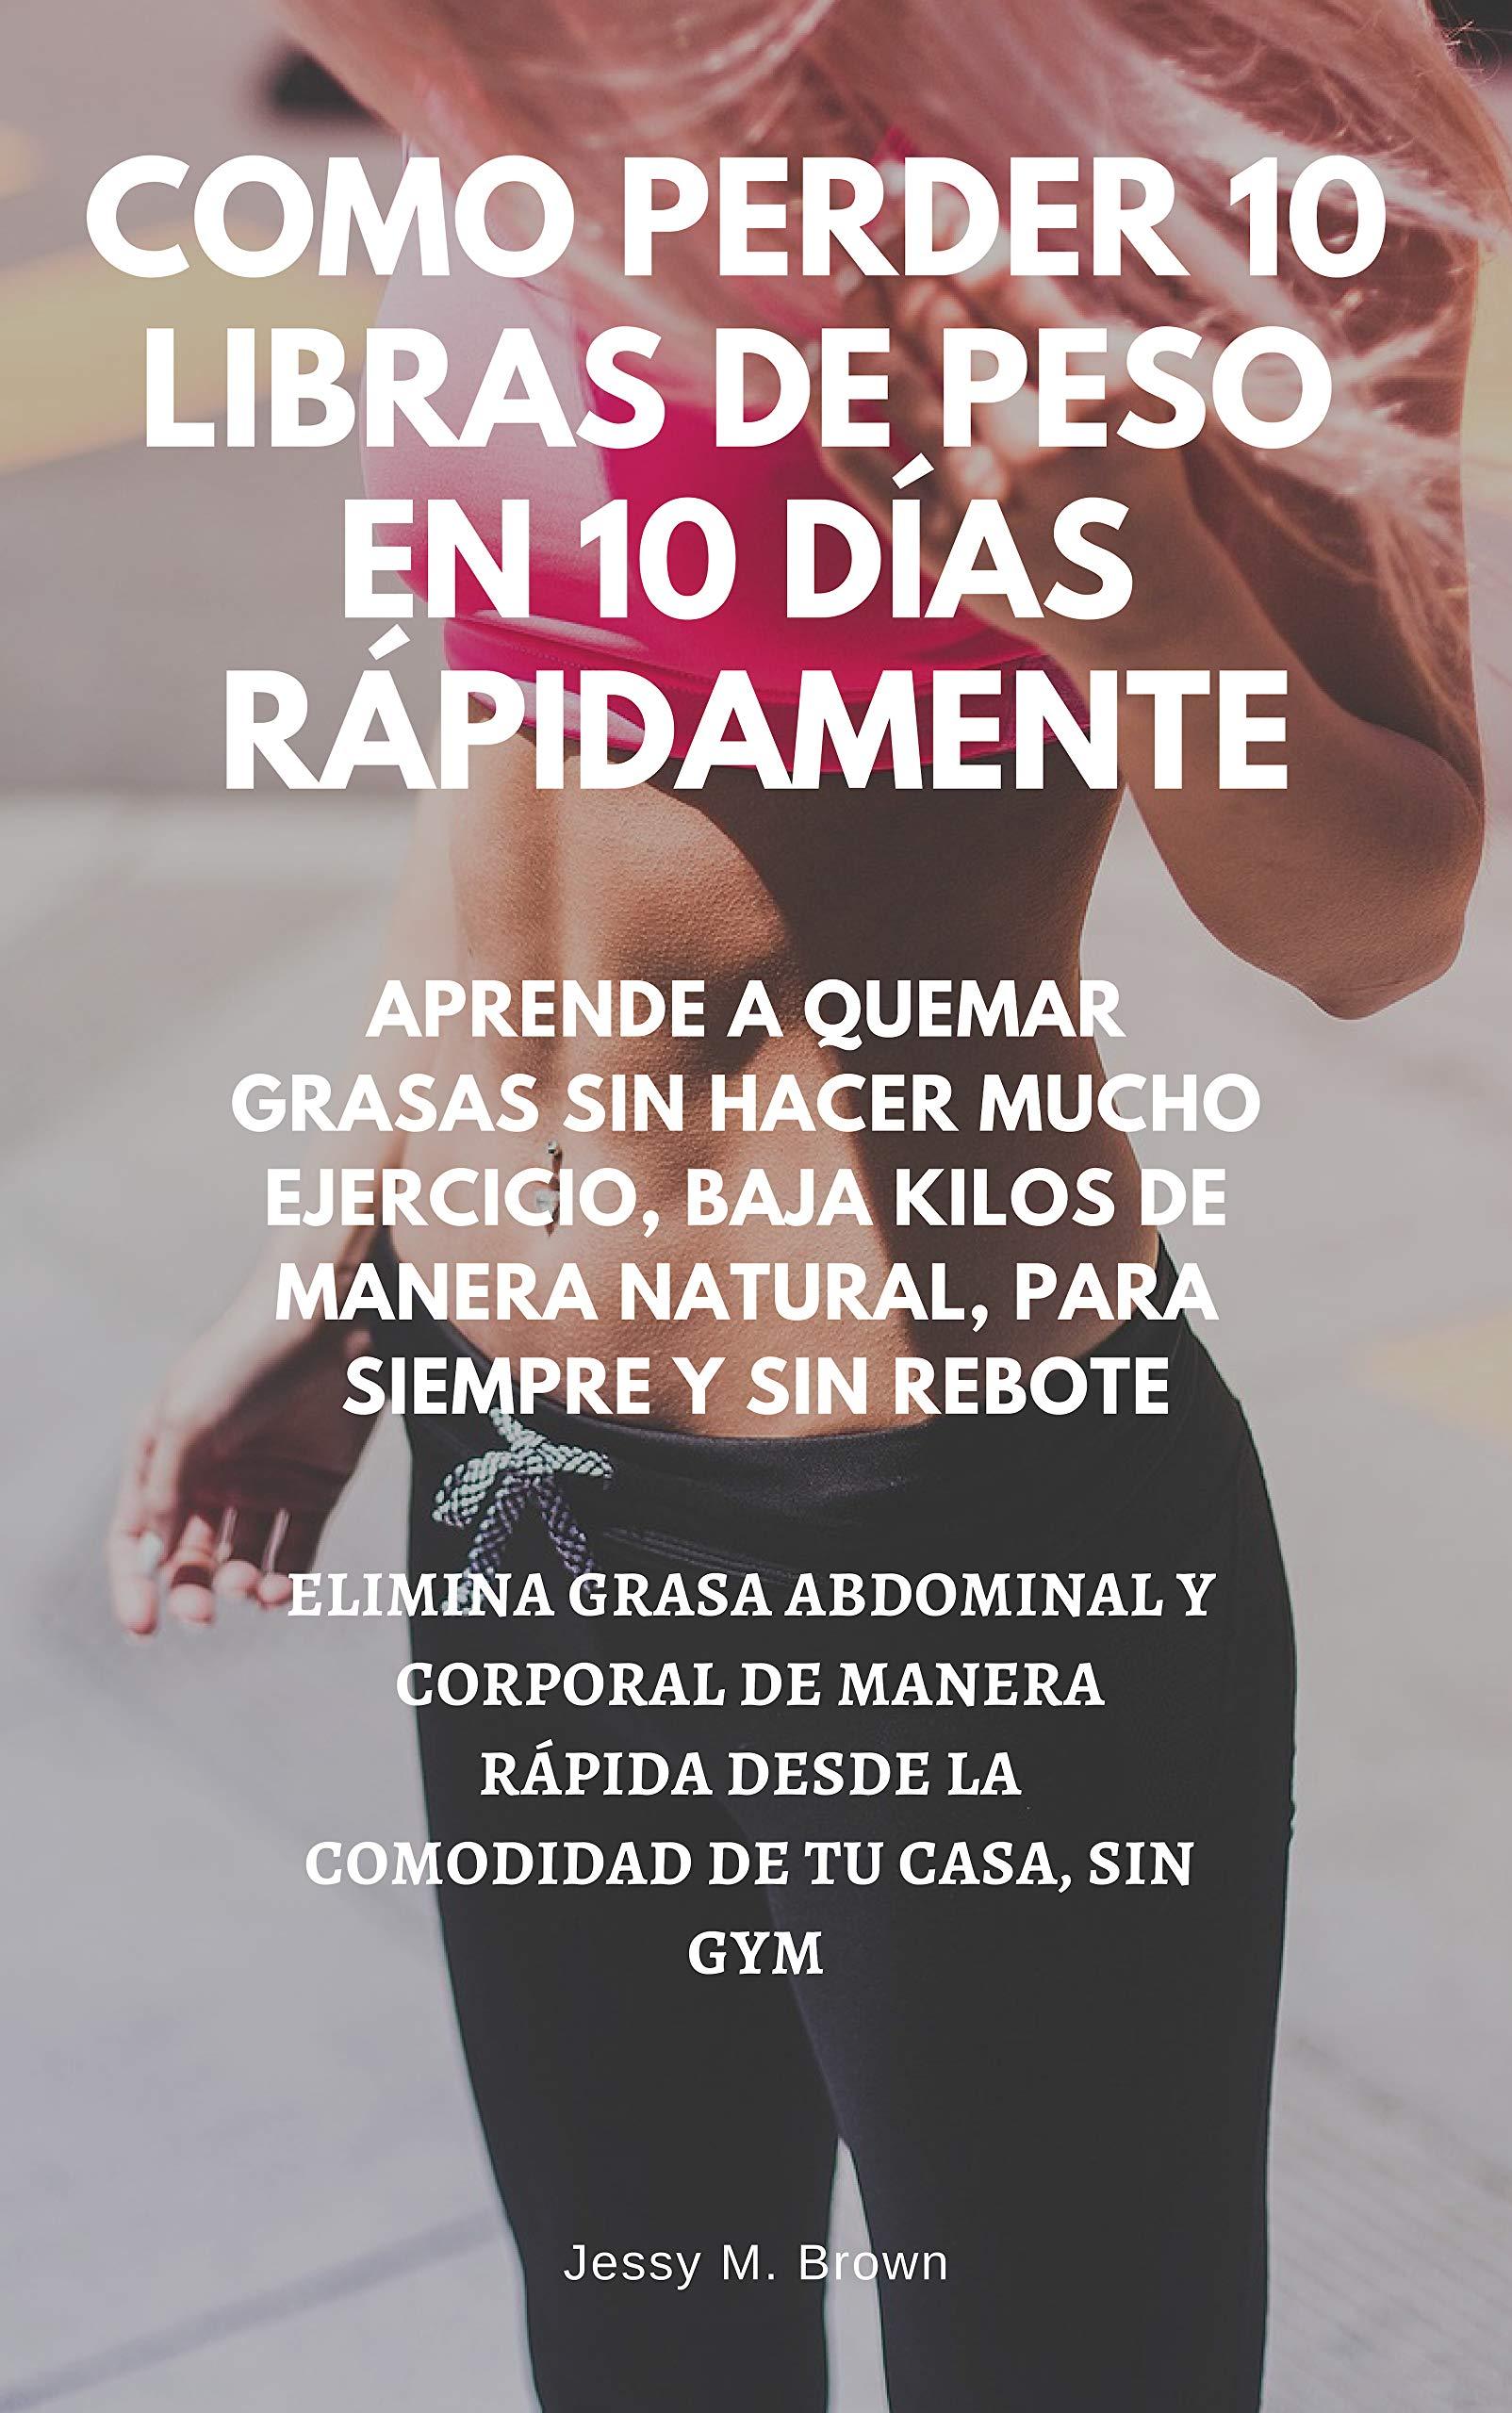 COMO PERDER 10 LIBRAS DE PESO EN 10 DÍAS RÁPIDAMENTE : APRENDE A QUEMAR GRASAS SIN HACER MUCHO EJERCICIO, BAJA KILOS DE MANERA NATURAL, PARA SIEMPRE Y SIN REBOTE, ELIMINA GRASA ABDOMINAL Y CORPORAL